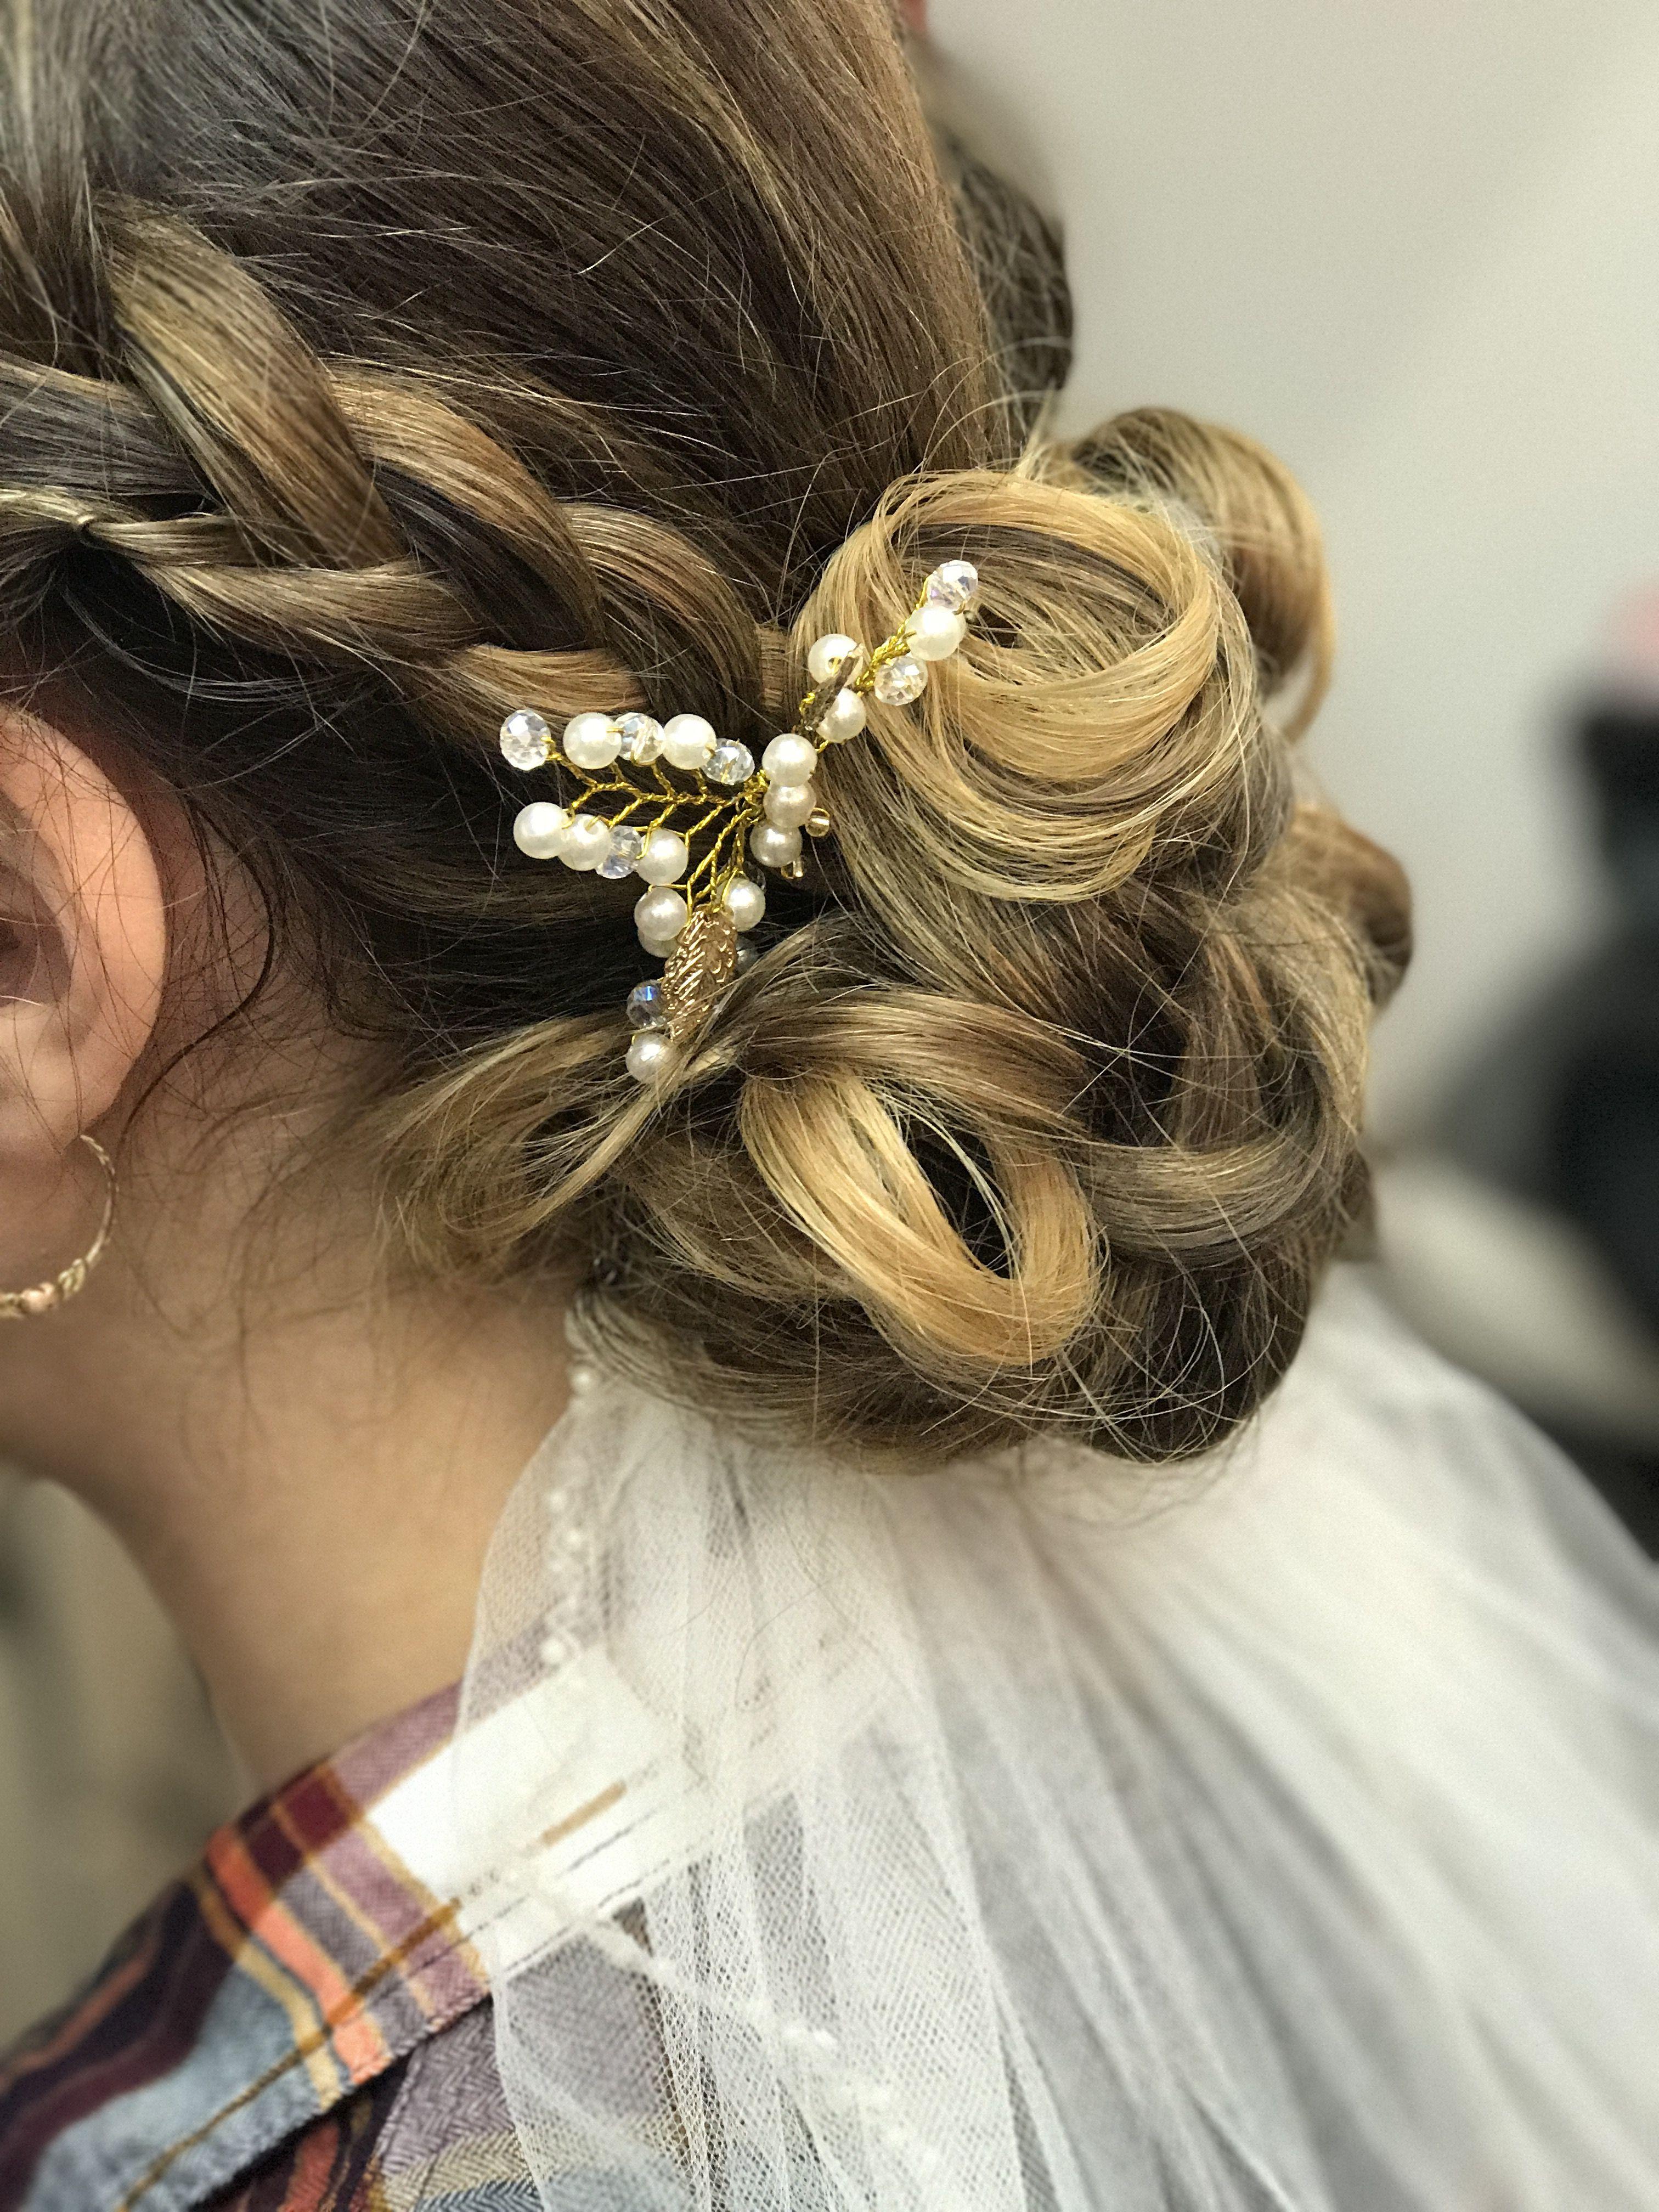 e3717963c0a2 Bridal Hair St. Louis MO   Patricia Elaine Salon & Studio